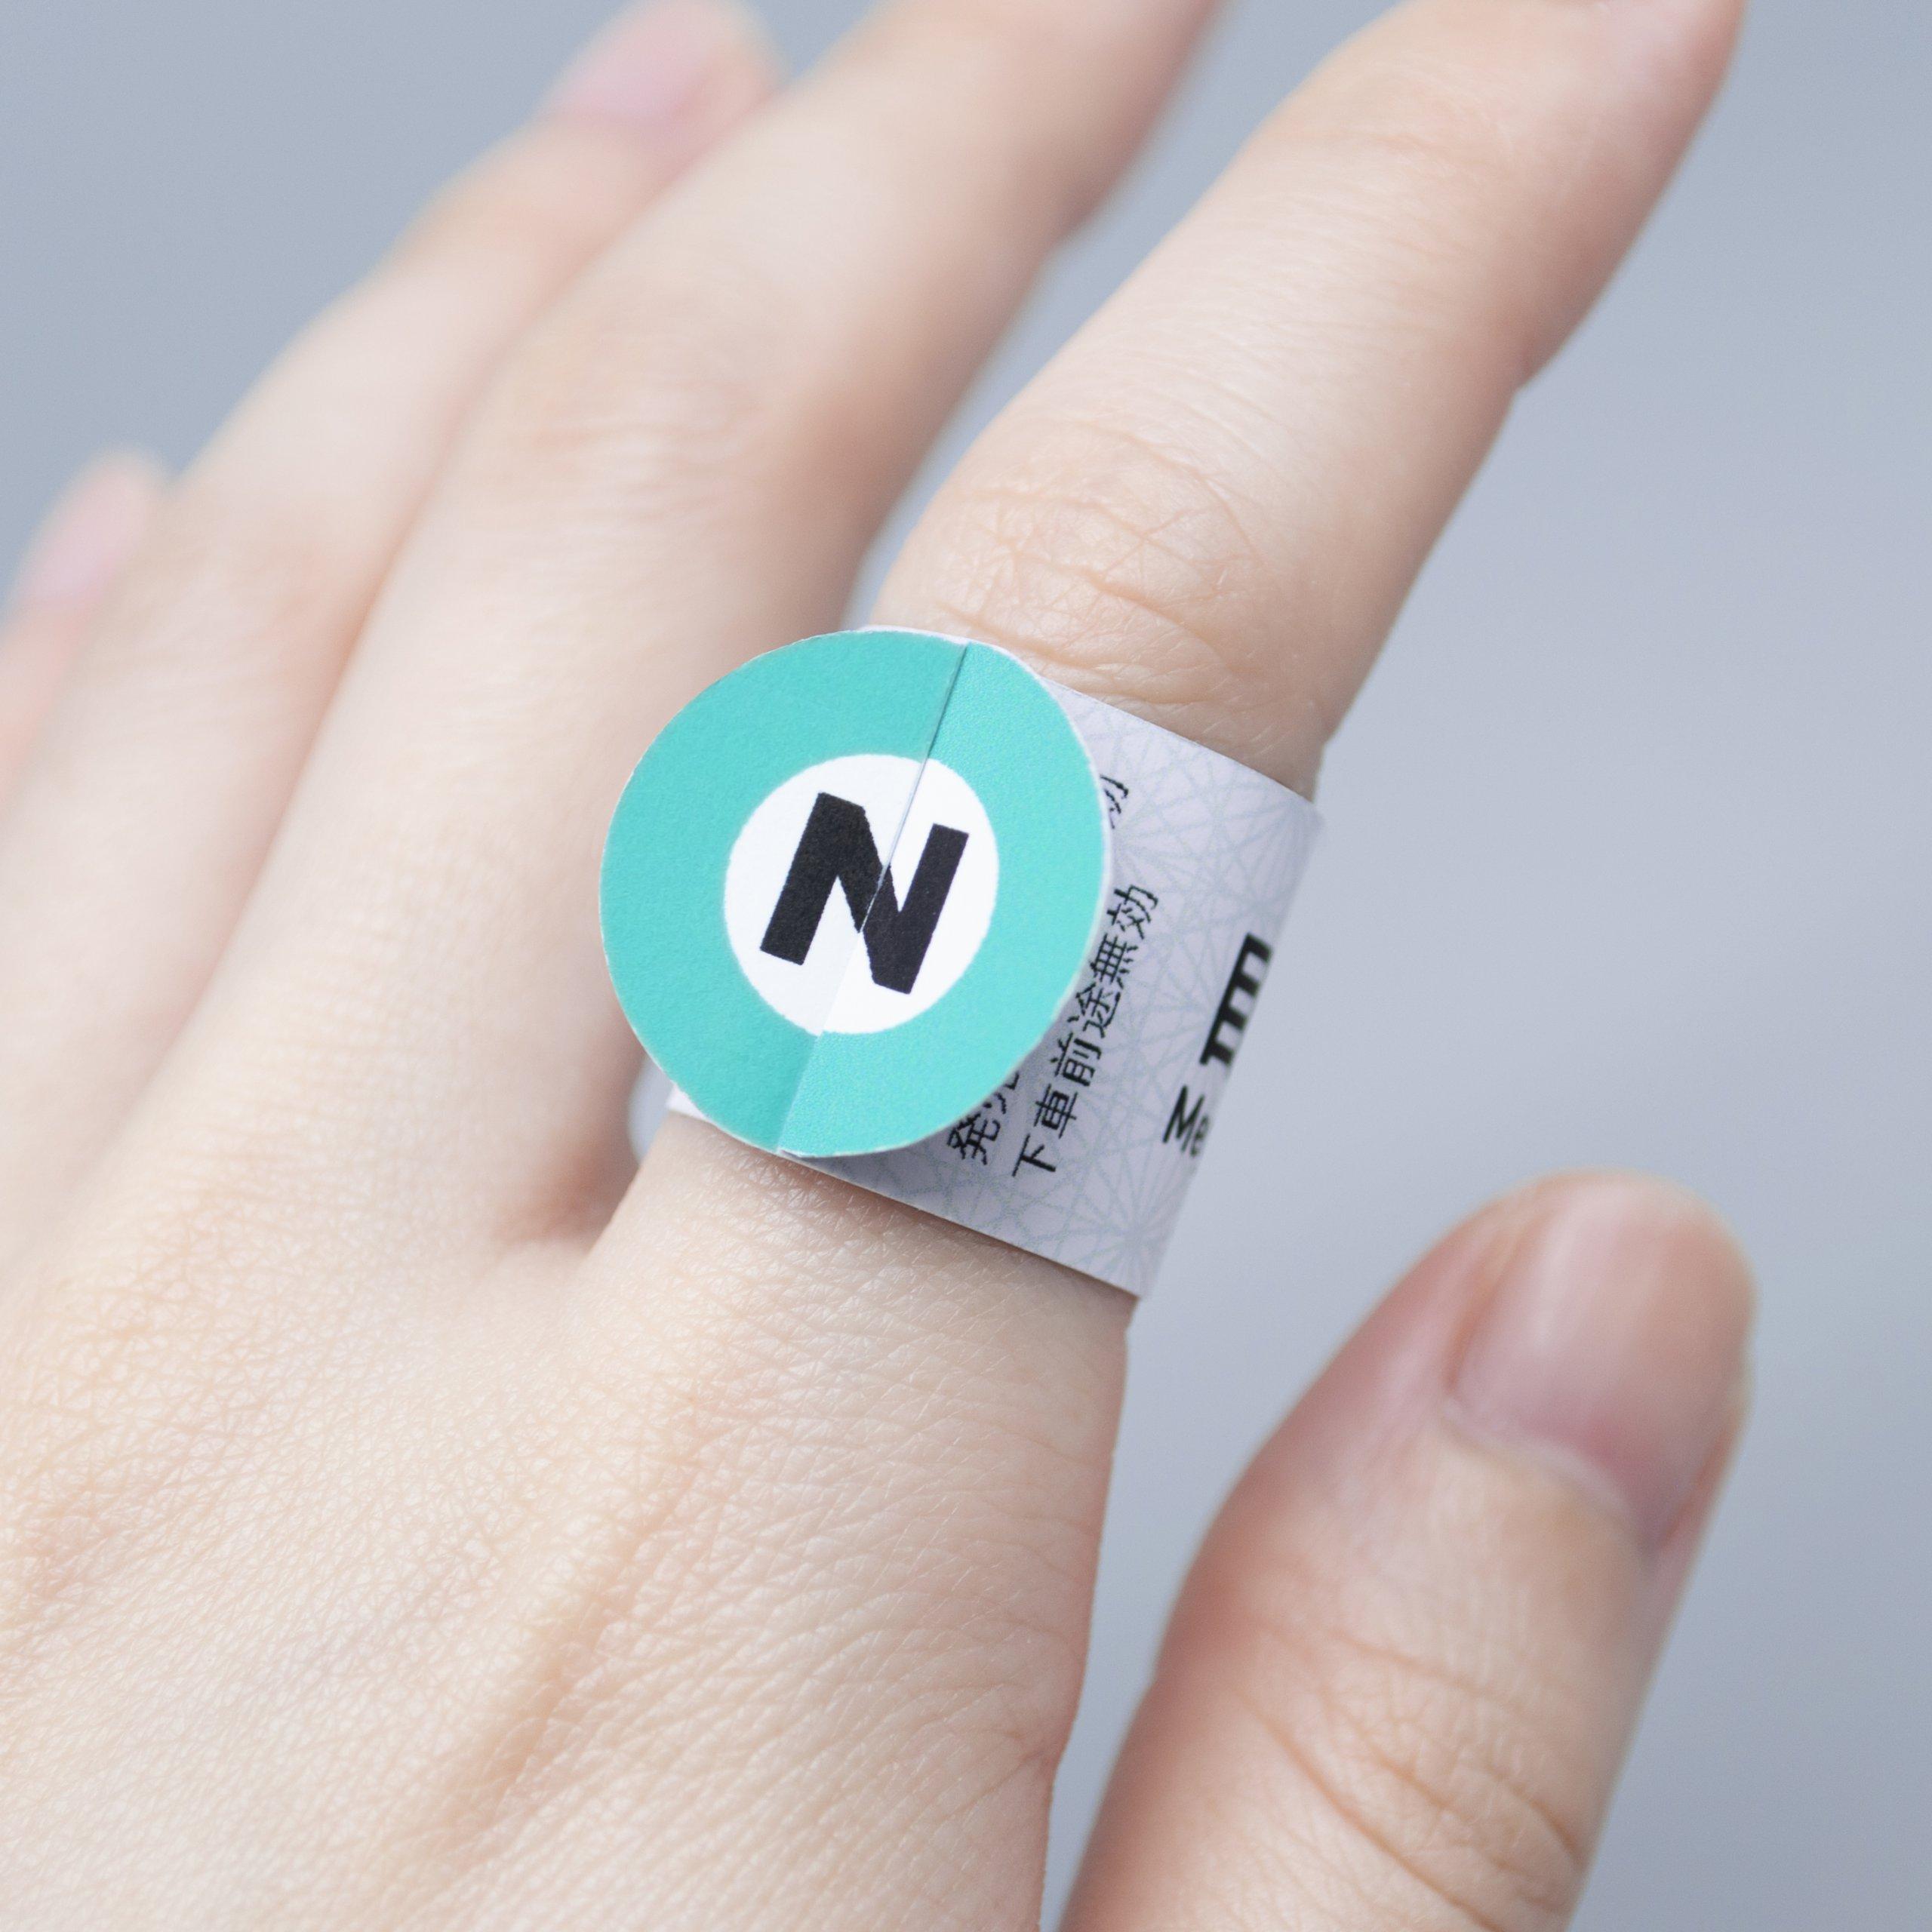 【絶対無くさない】辻尾一平さん考案の指に巻き付ける指輪型の電車の切符が可愛い!